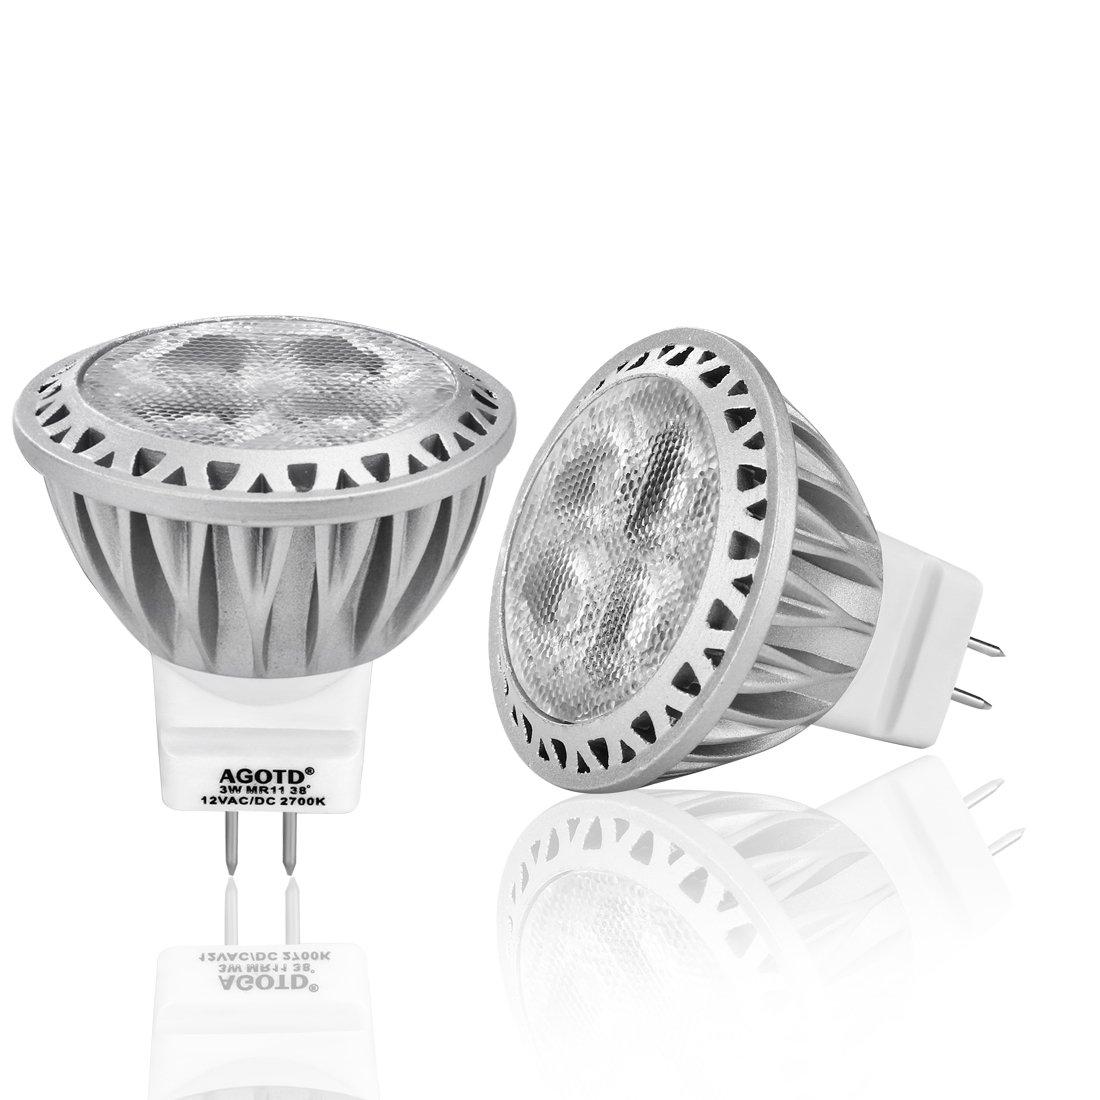 AGOTD GU4 MR11 12V Led Lampen Warmweiß, 35mm Durchmesser,1.38x1 ...